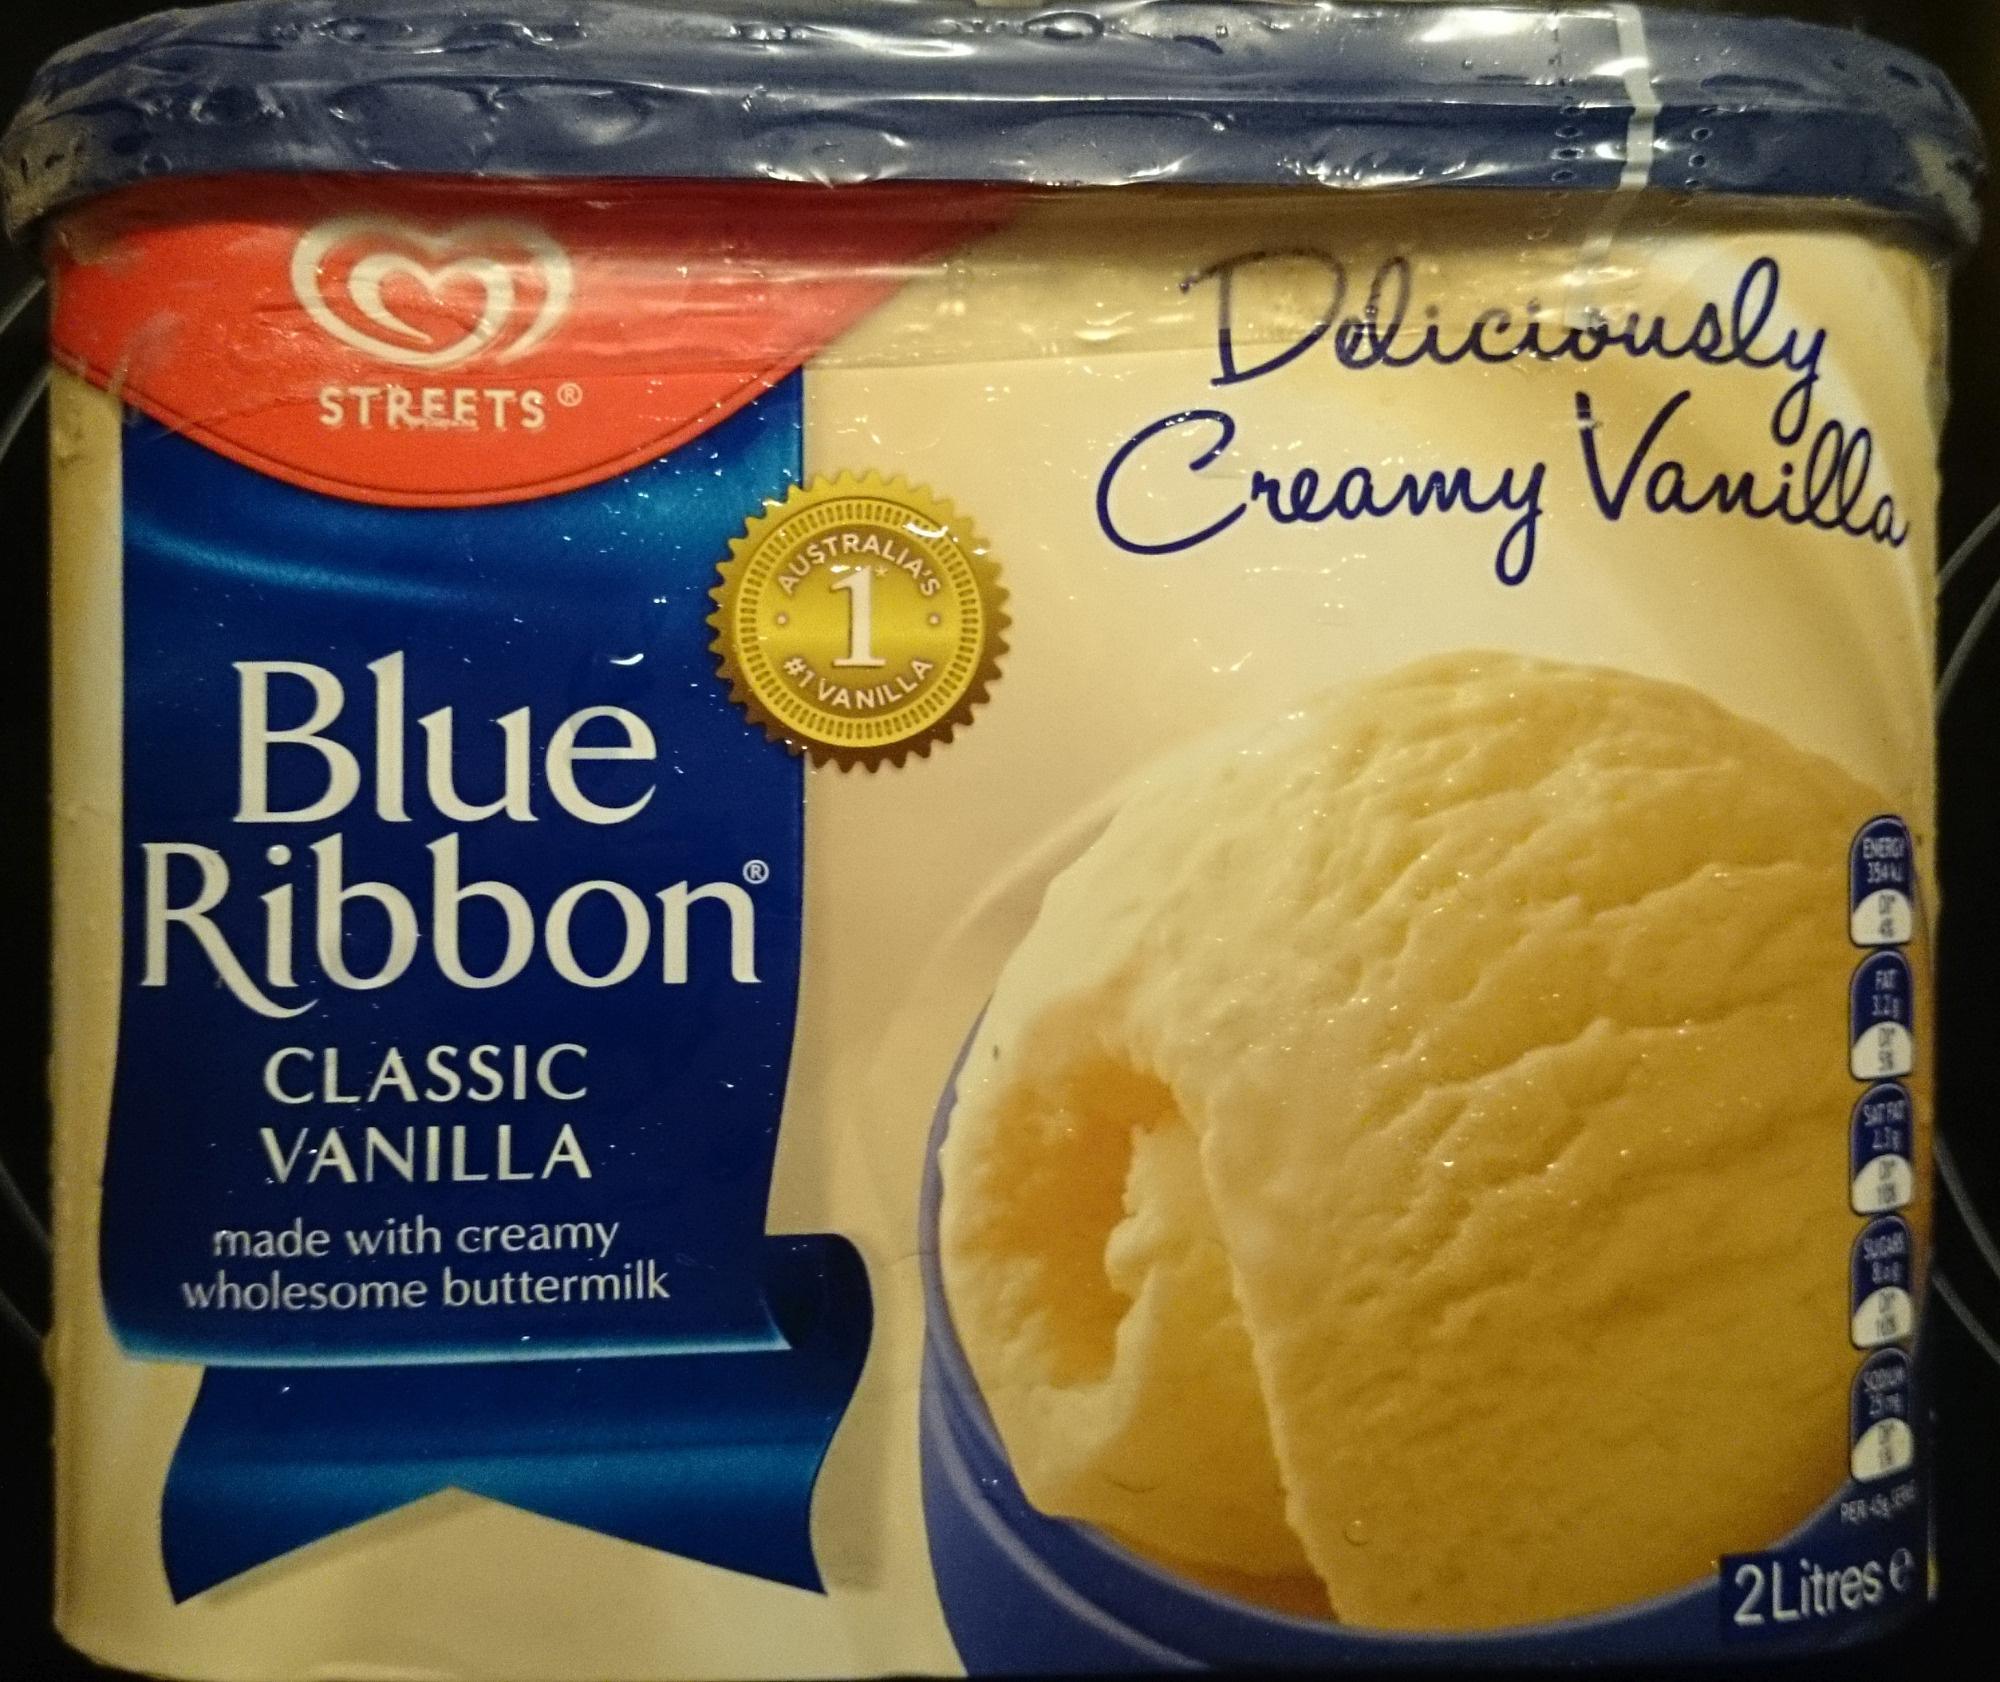 Streets Blue Ribbon Classic Vanilla - Product - en